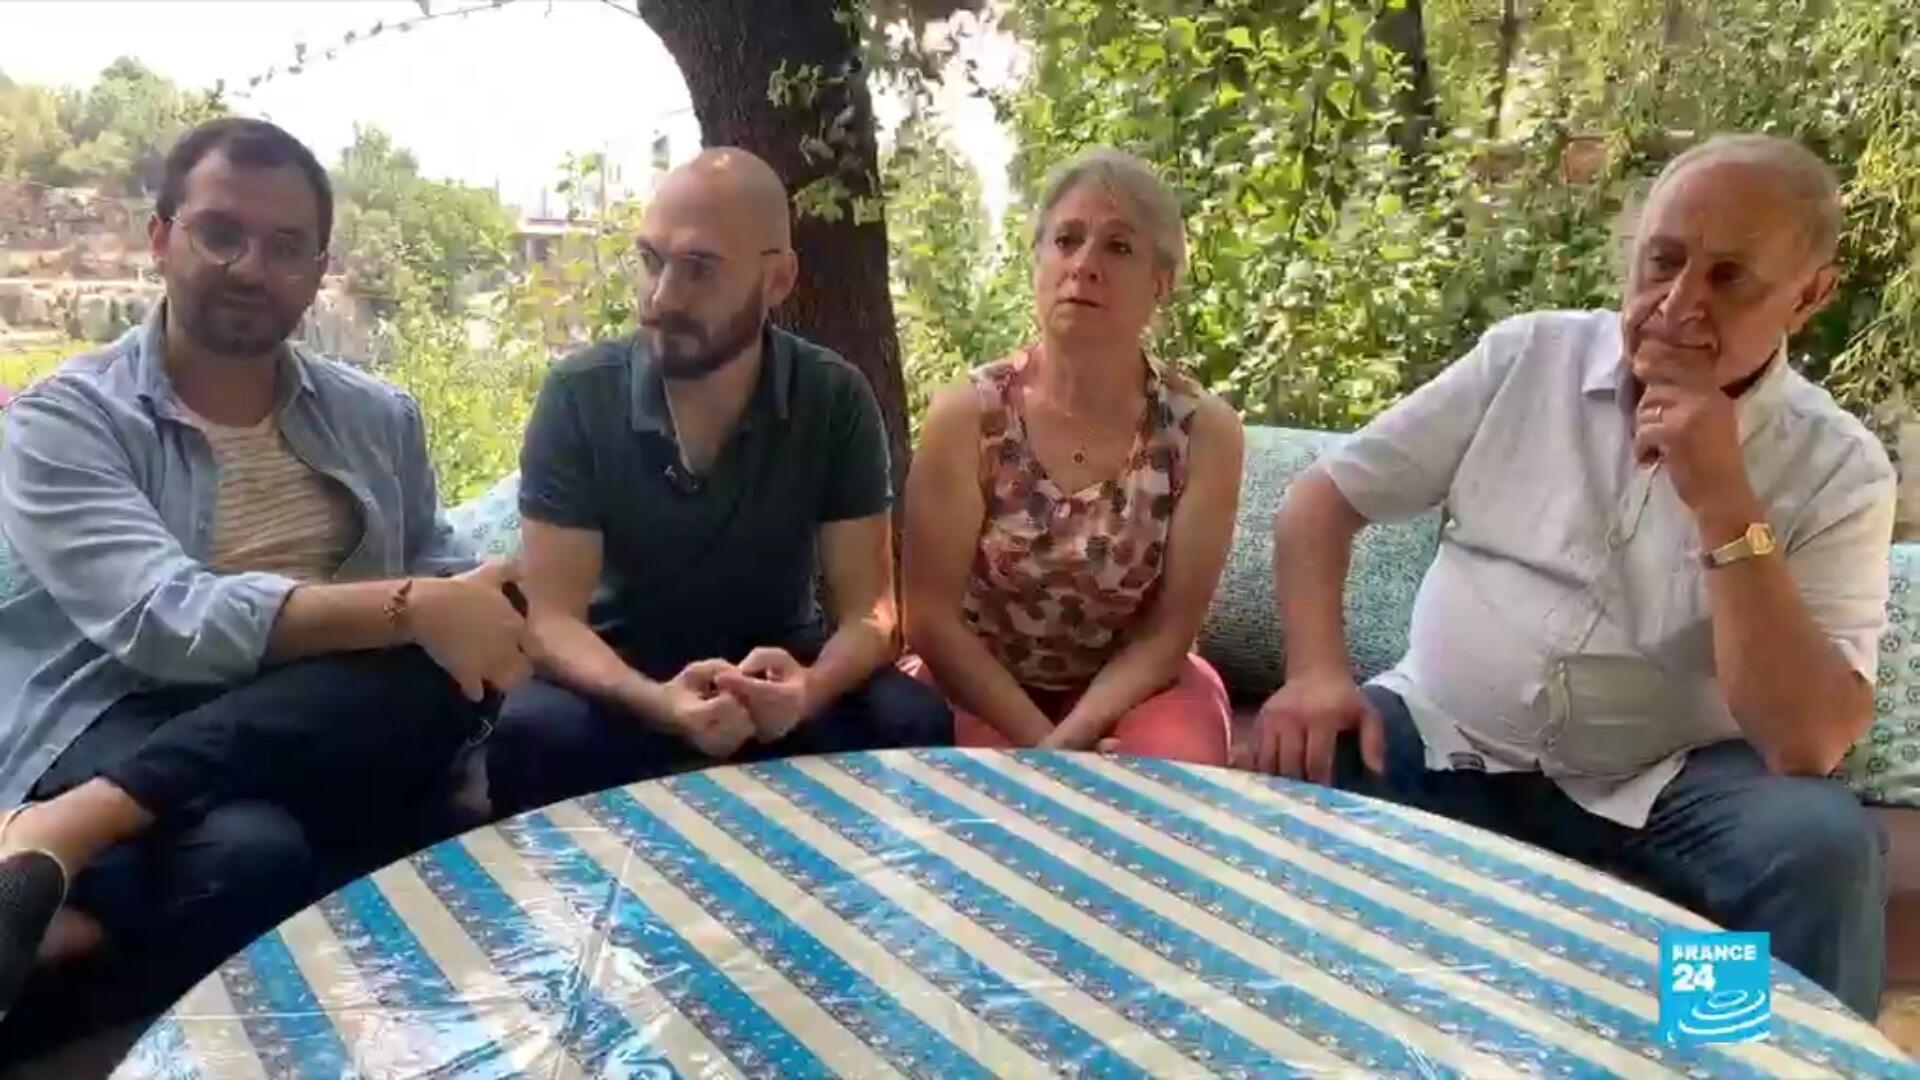 Les fils de cette famille de la classe moyenne libanaise ont décidé de quitter le pays et gagner la France, après des mois de contestation.